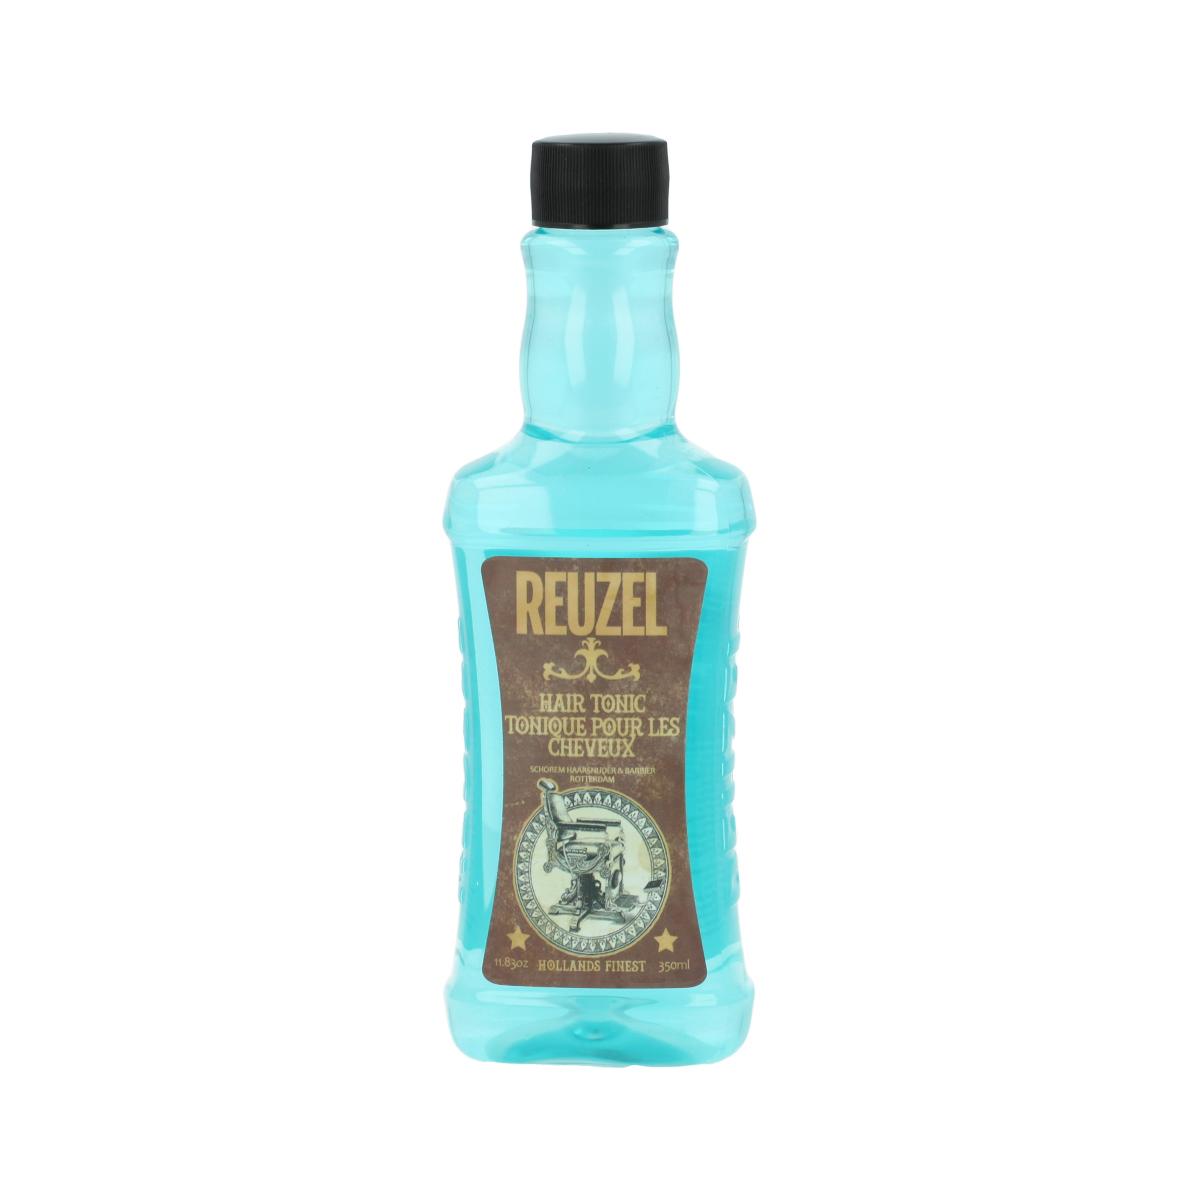 REUZEL Hair Tonic 350 ml 14469